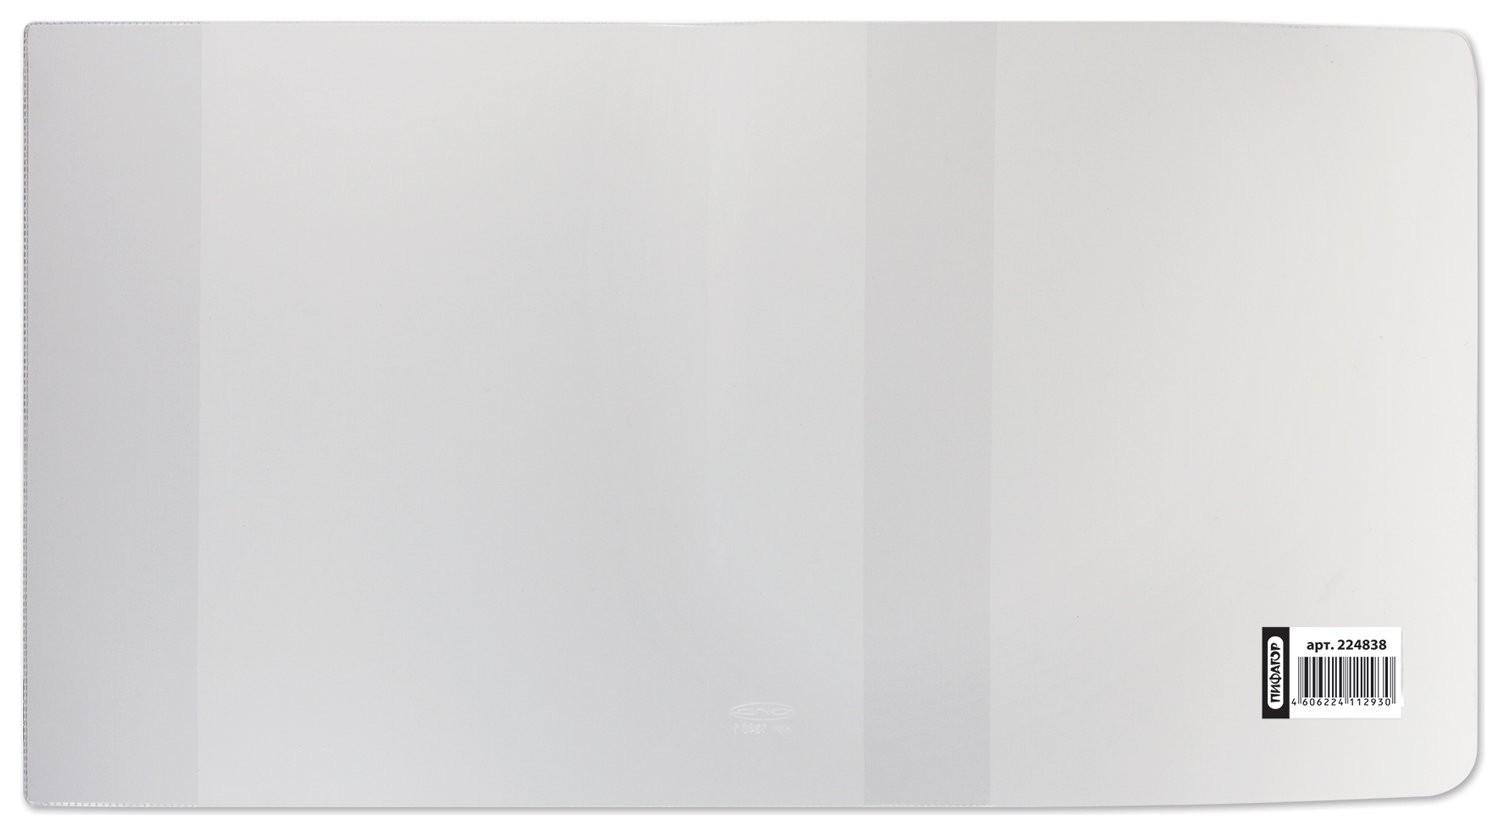 Обложка ПВХ для учебника, размер универсальный, прозрачная, плотная, 120 мкм, 233х455 мм  Пифагор